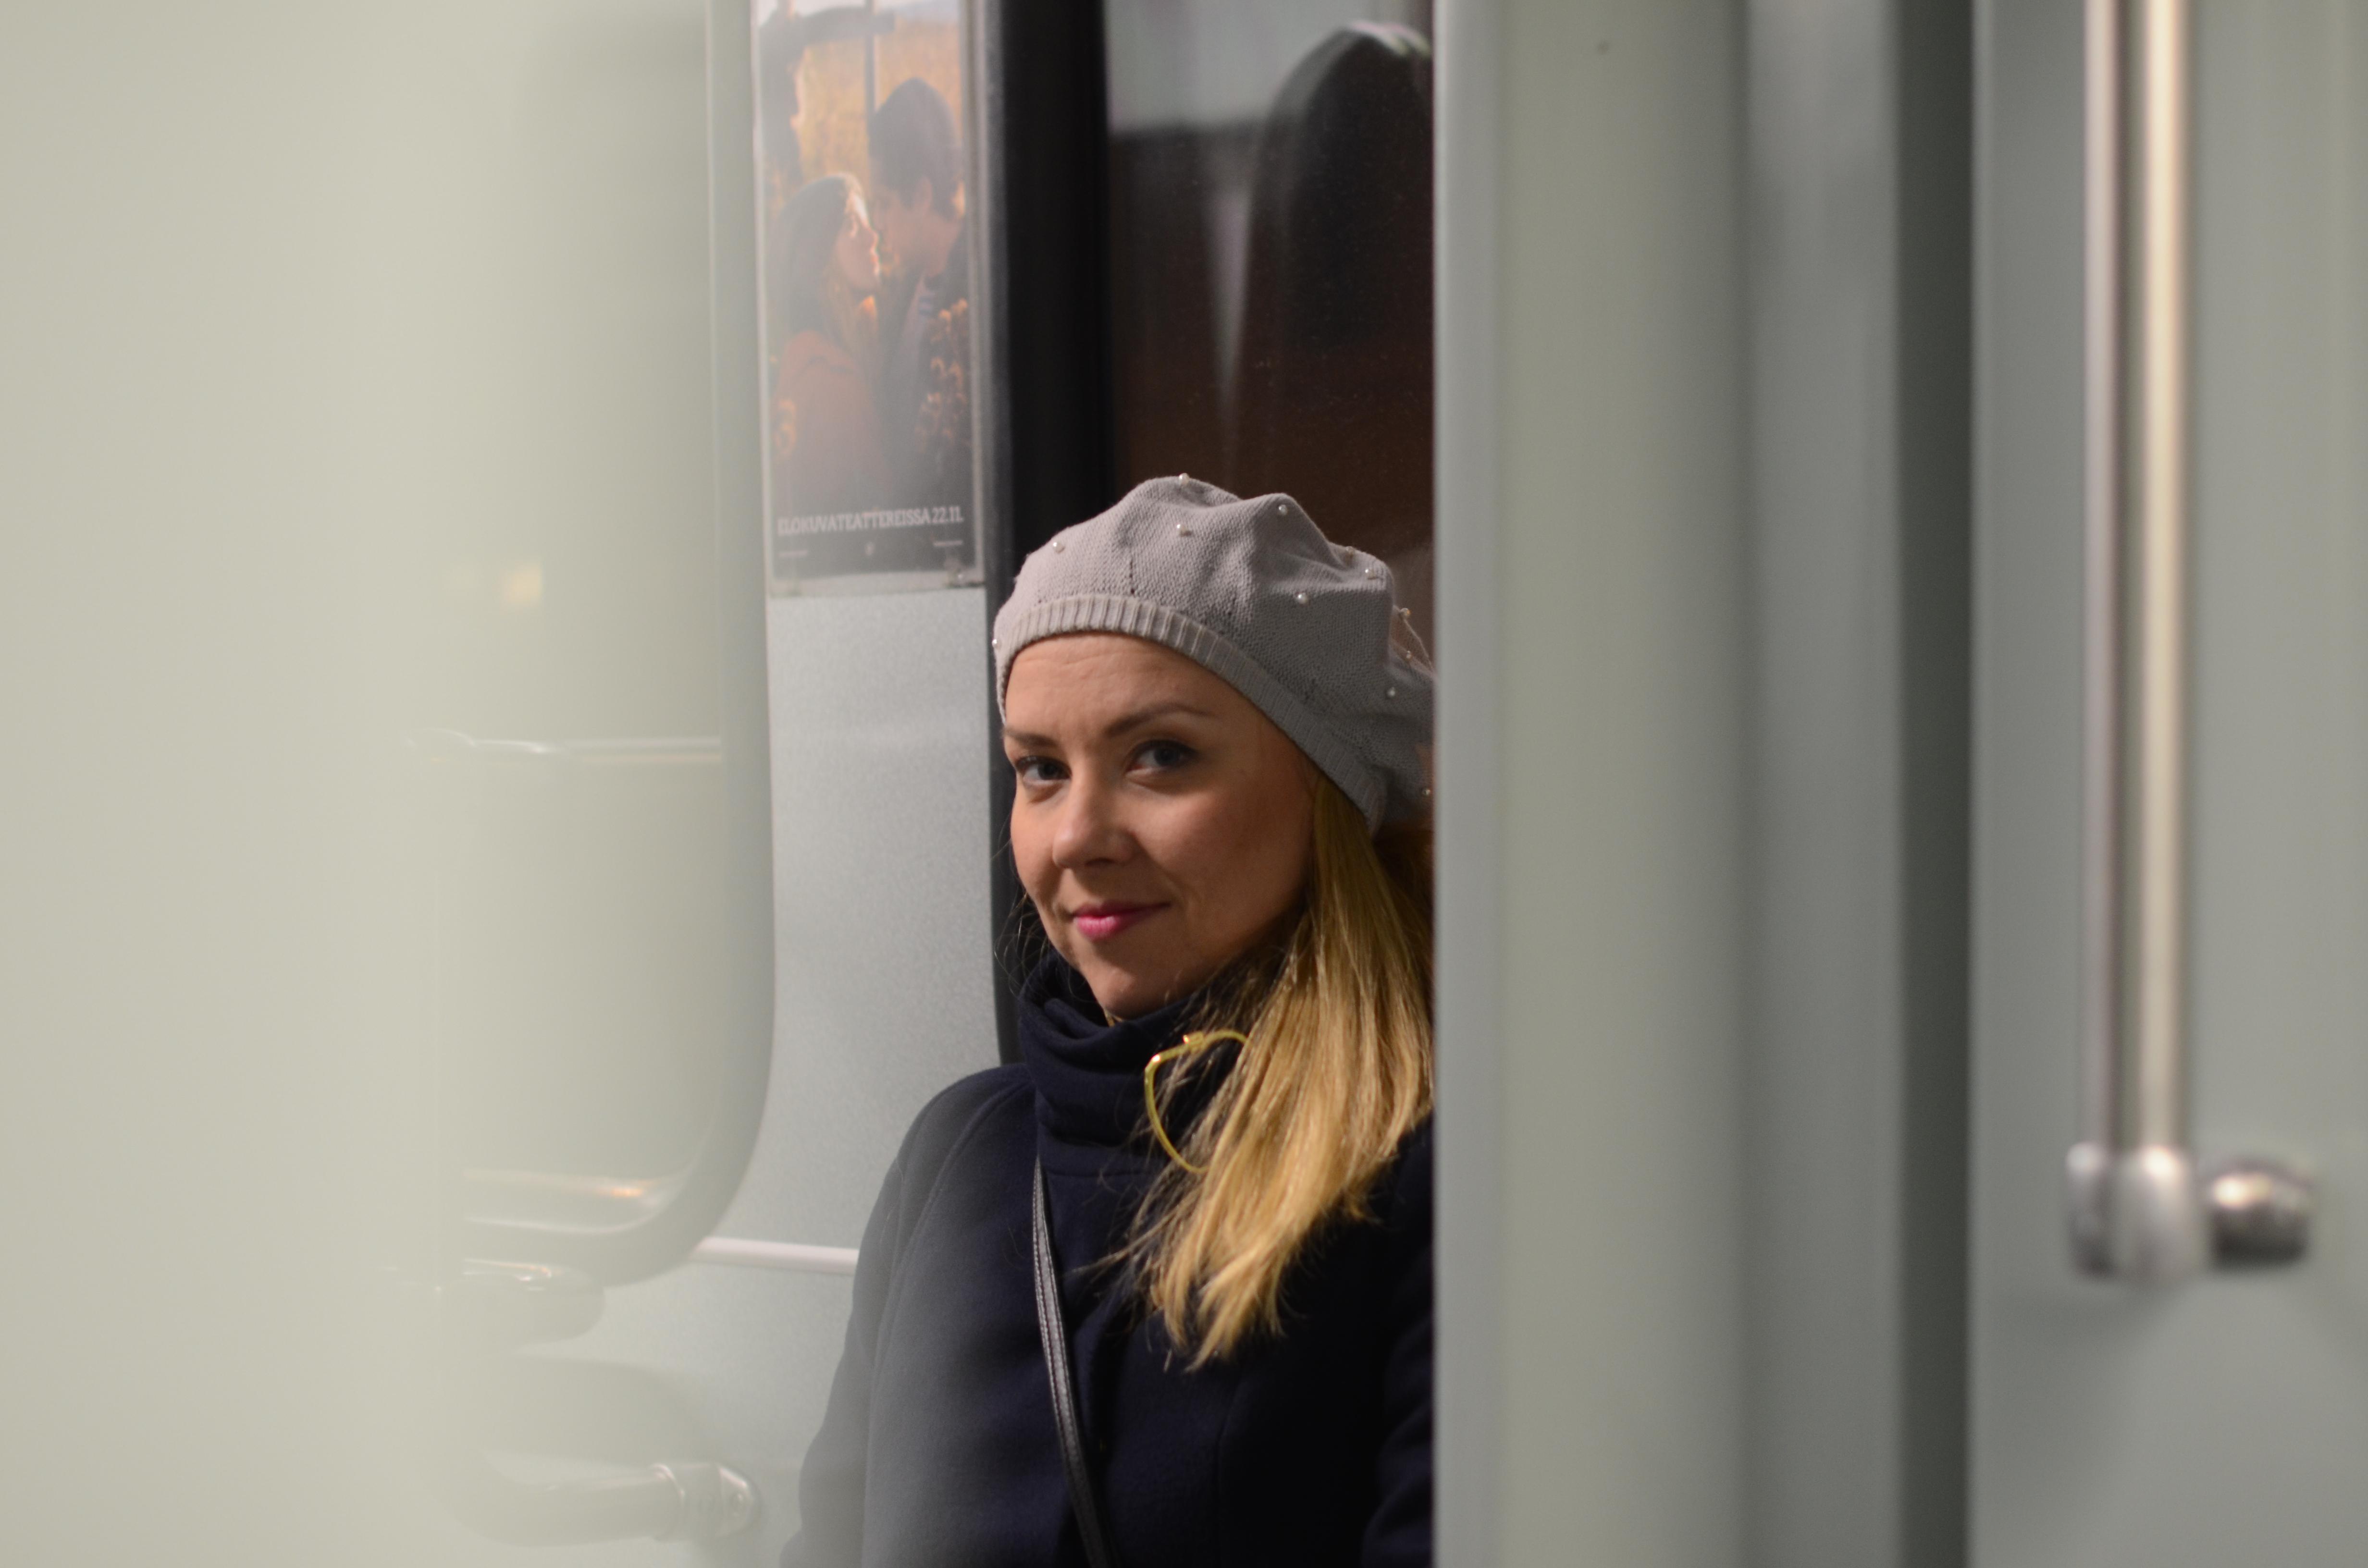 Sen träffade jag Linnéa och vi tog spårvagnen till Munksnäs. Vi skulle ju äta födelsedagsmiddag på Solna.